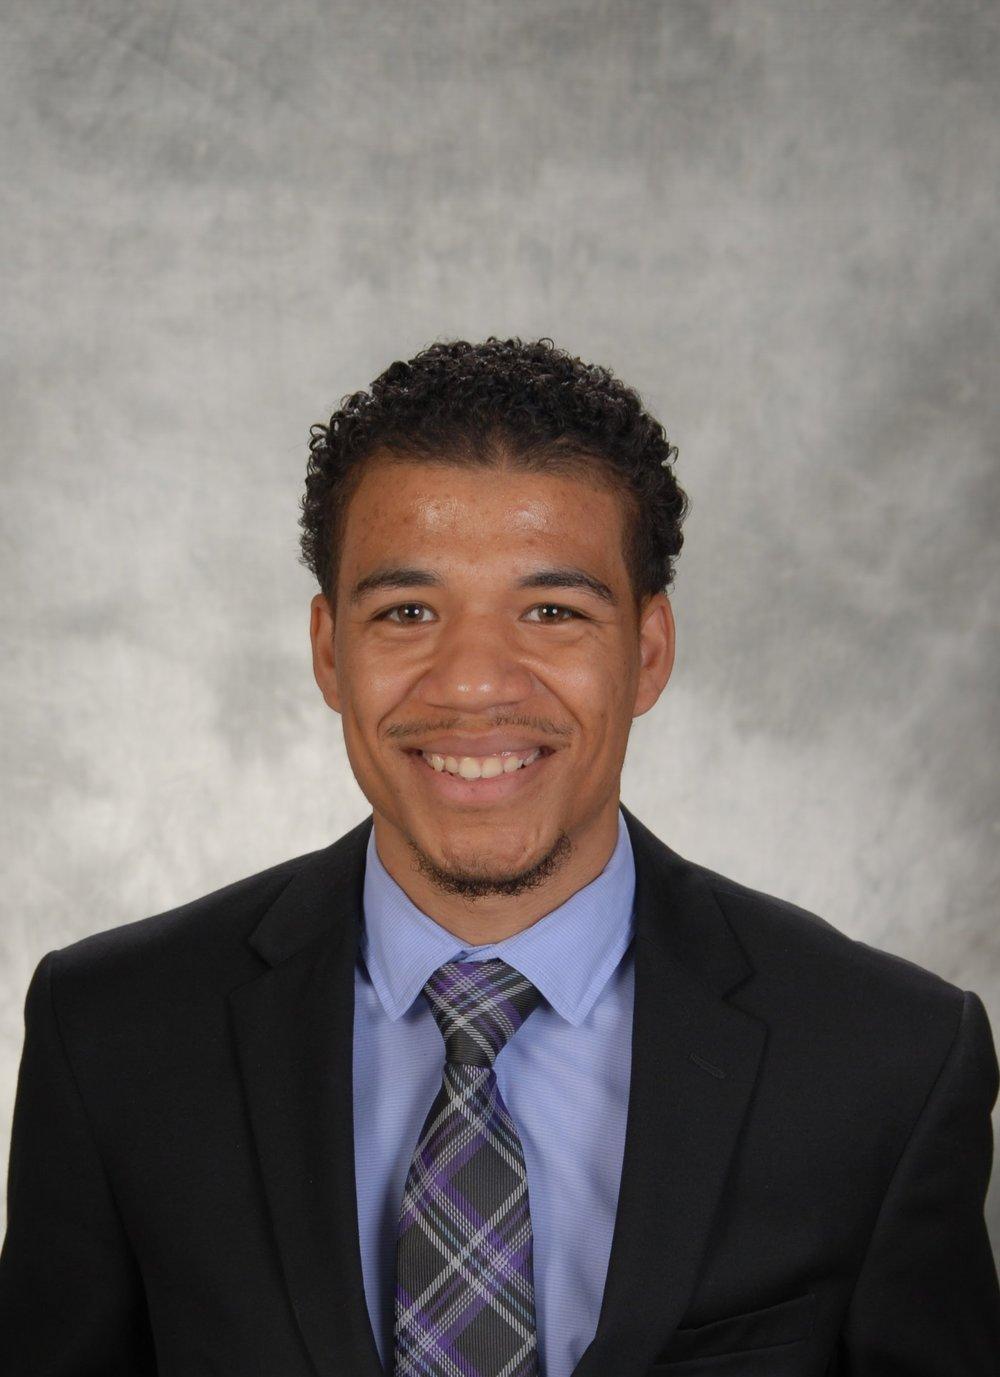 Justin Morales - President